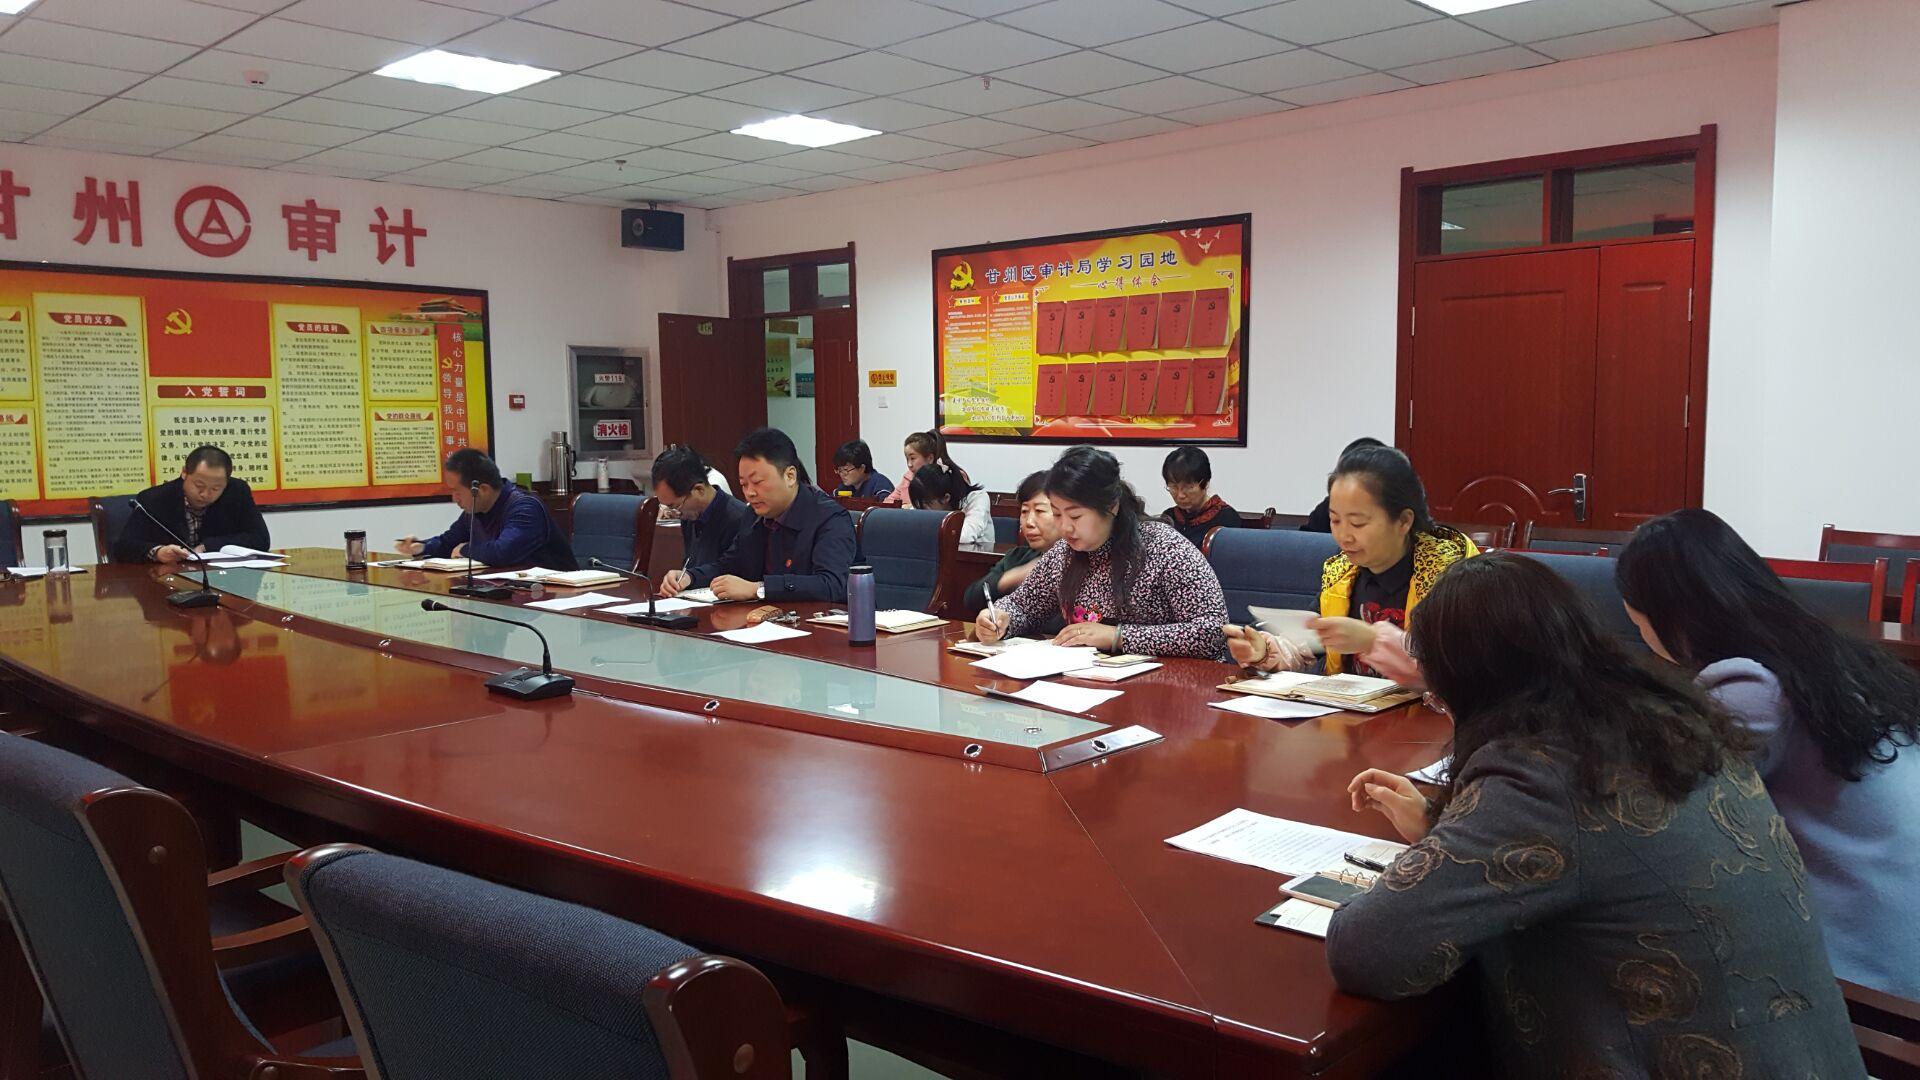 甘州区审计局 开展学习习近平新时代中国特色社会主义思想 研讨交流